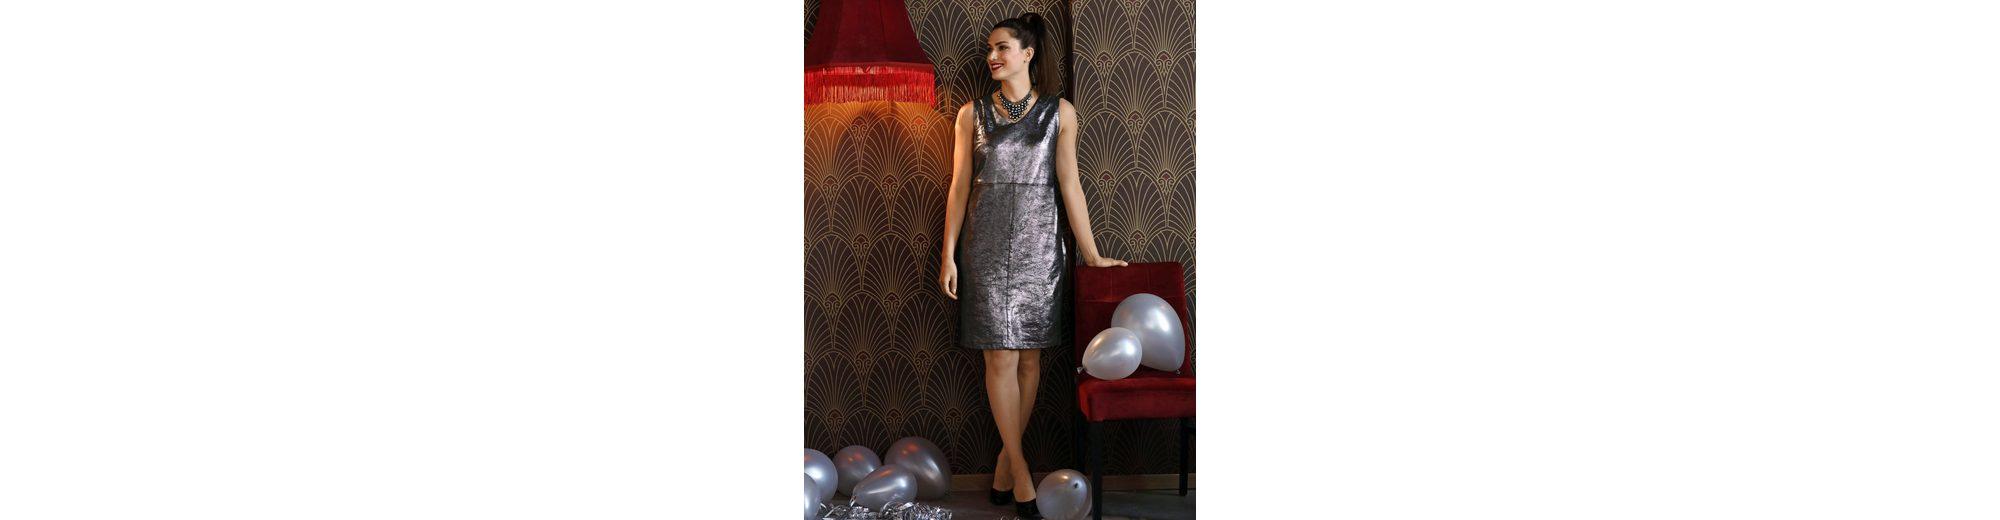 Online-Suche Zu Verkaufen Freies Verschiffen Finish Sara Lindholm by Happy Size Lederimitat-Kleid in Etuiform Billig Besuch Neu Il8nb3P